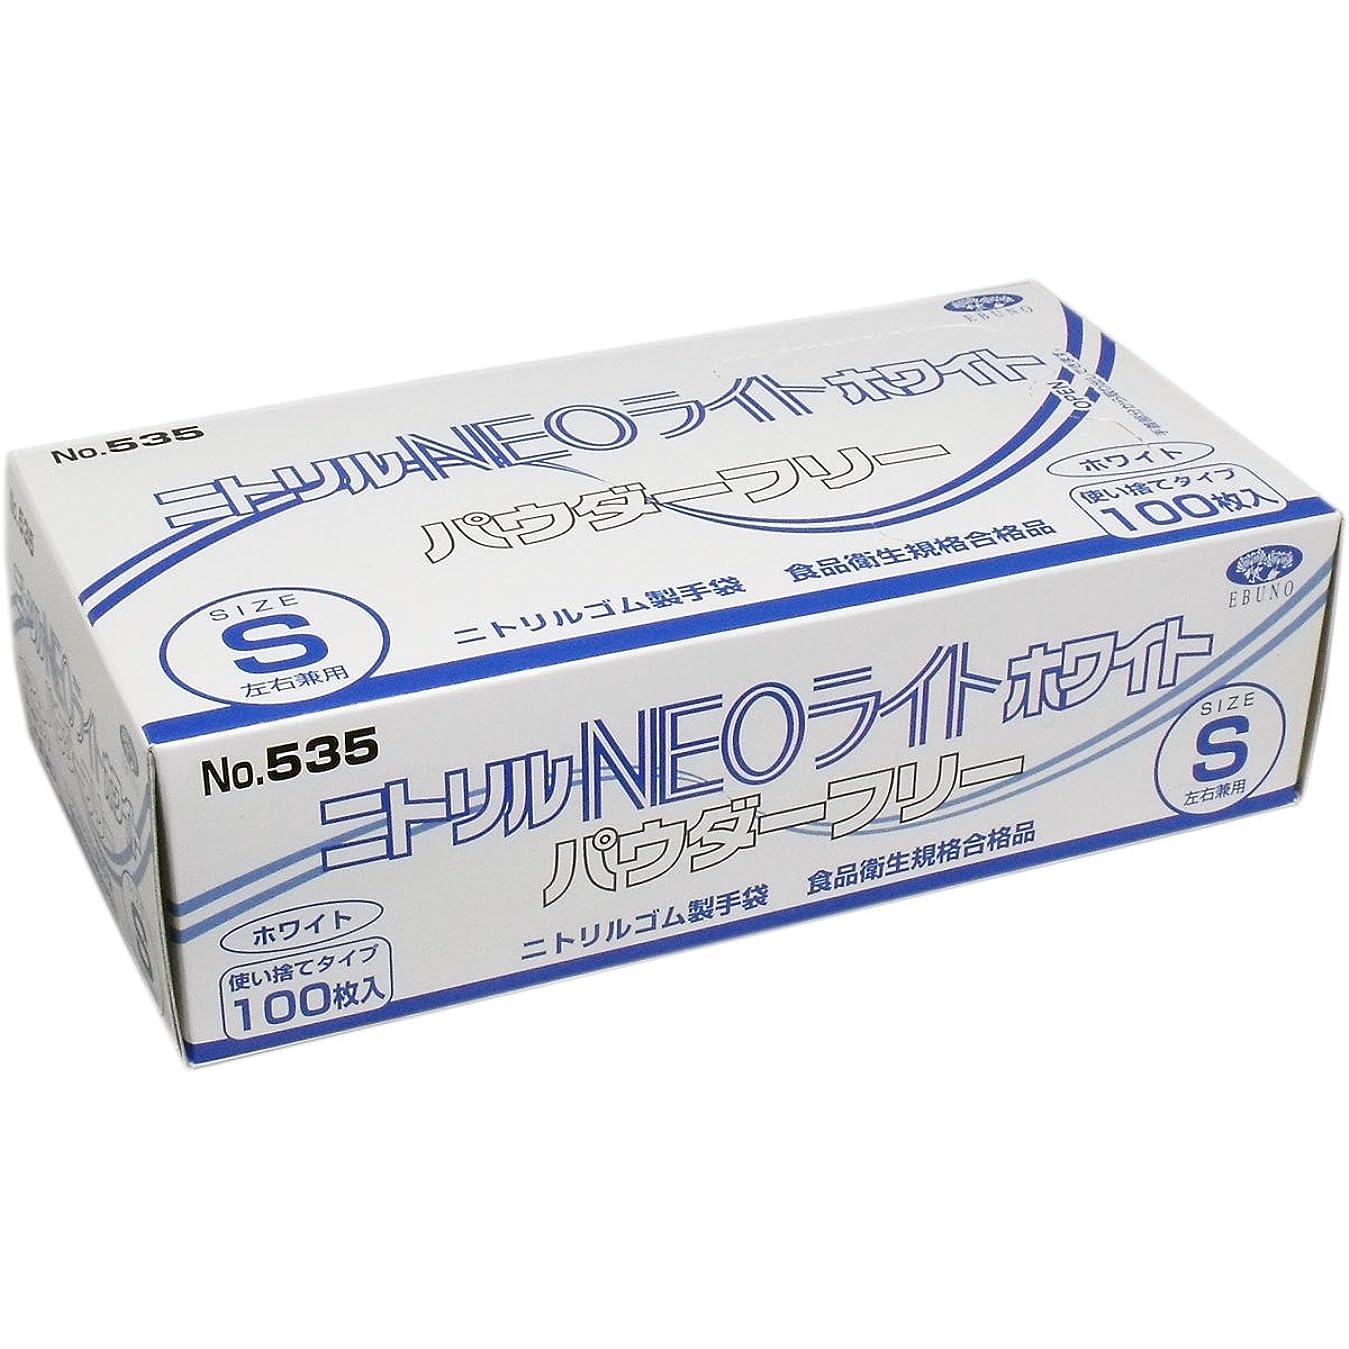 投票テロ自動化ニトリル手袋 NEOライト パウダーフリー ホワイト Sサイズ 100枚入【4個セット】